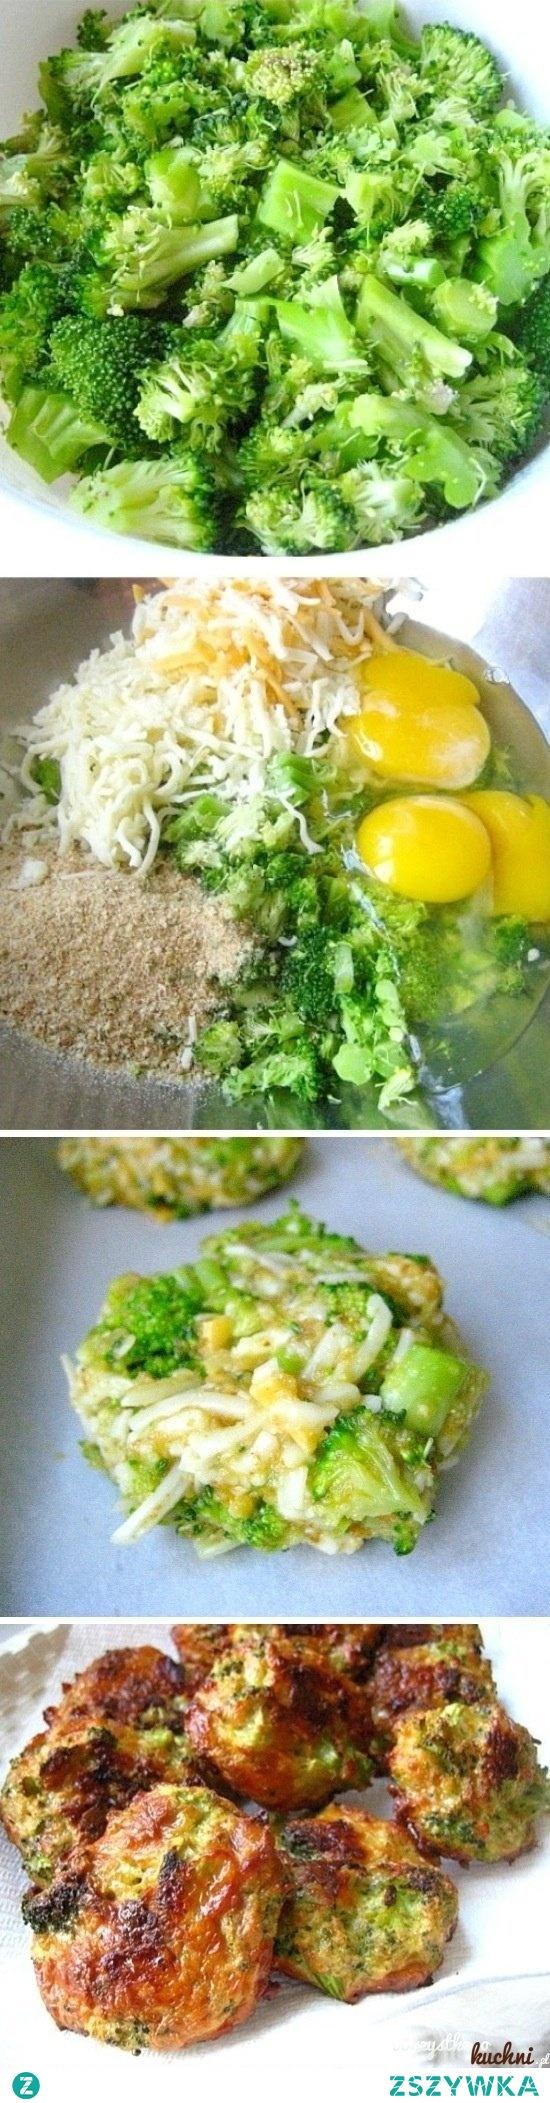 placuszki brokułowe...  potrzebujesz: brokuły, bułke tartą, jajka ser żółty i przyprawy